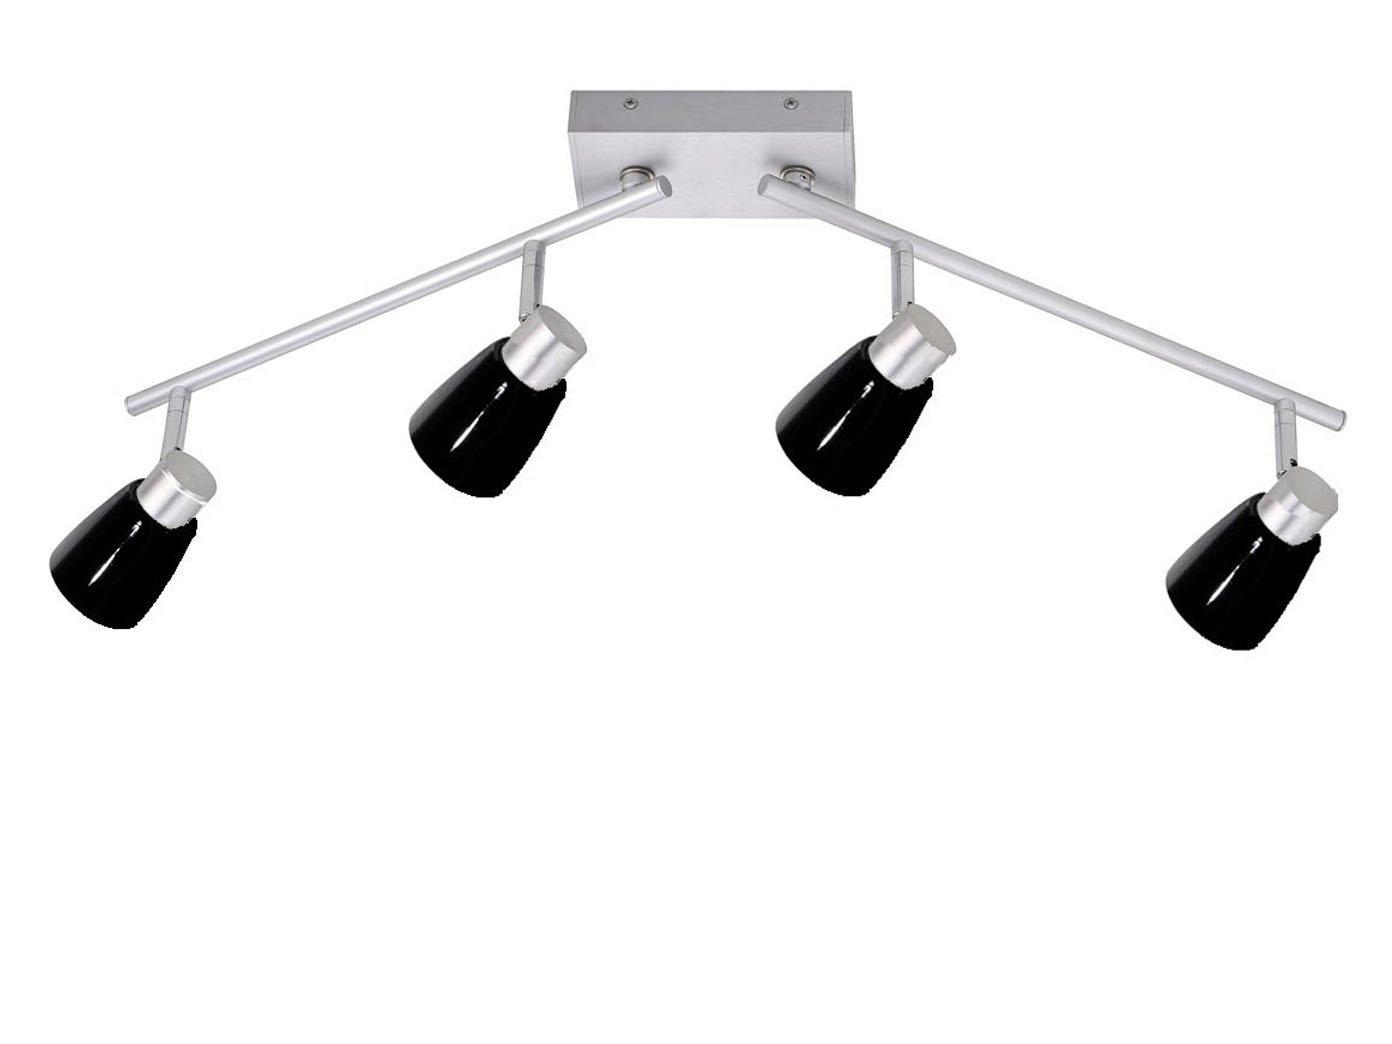 4flammiger LED Deckenstrahler Lampenschirme Glas schwarz, Spots & Arme schwenkbar, Honsel Leuchten